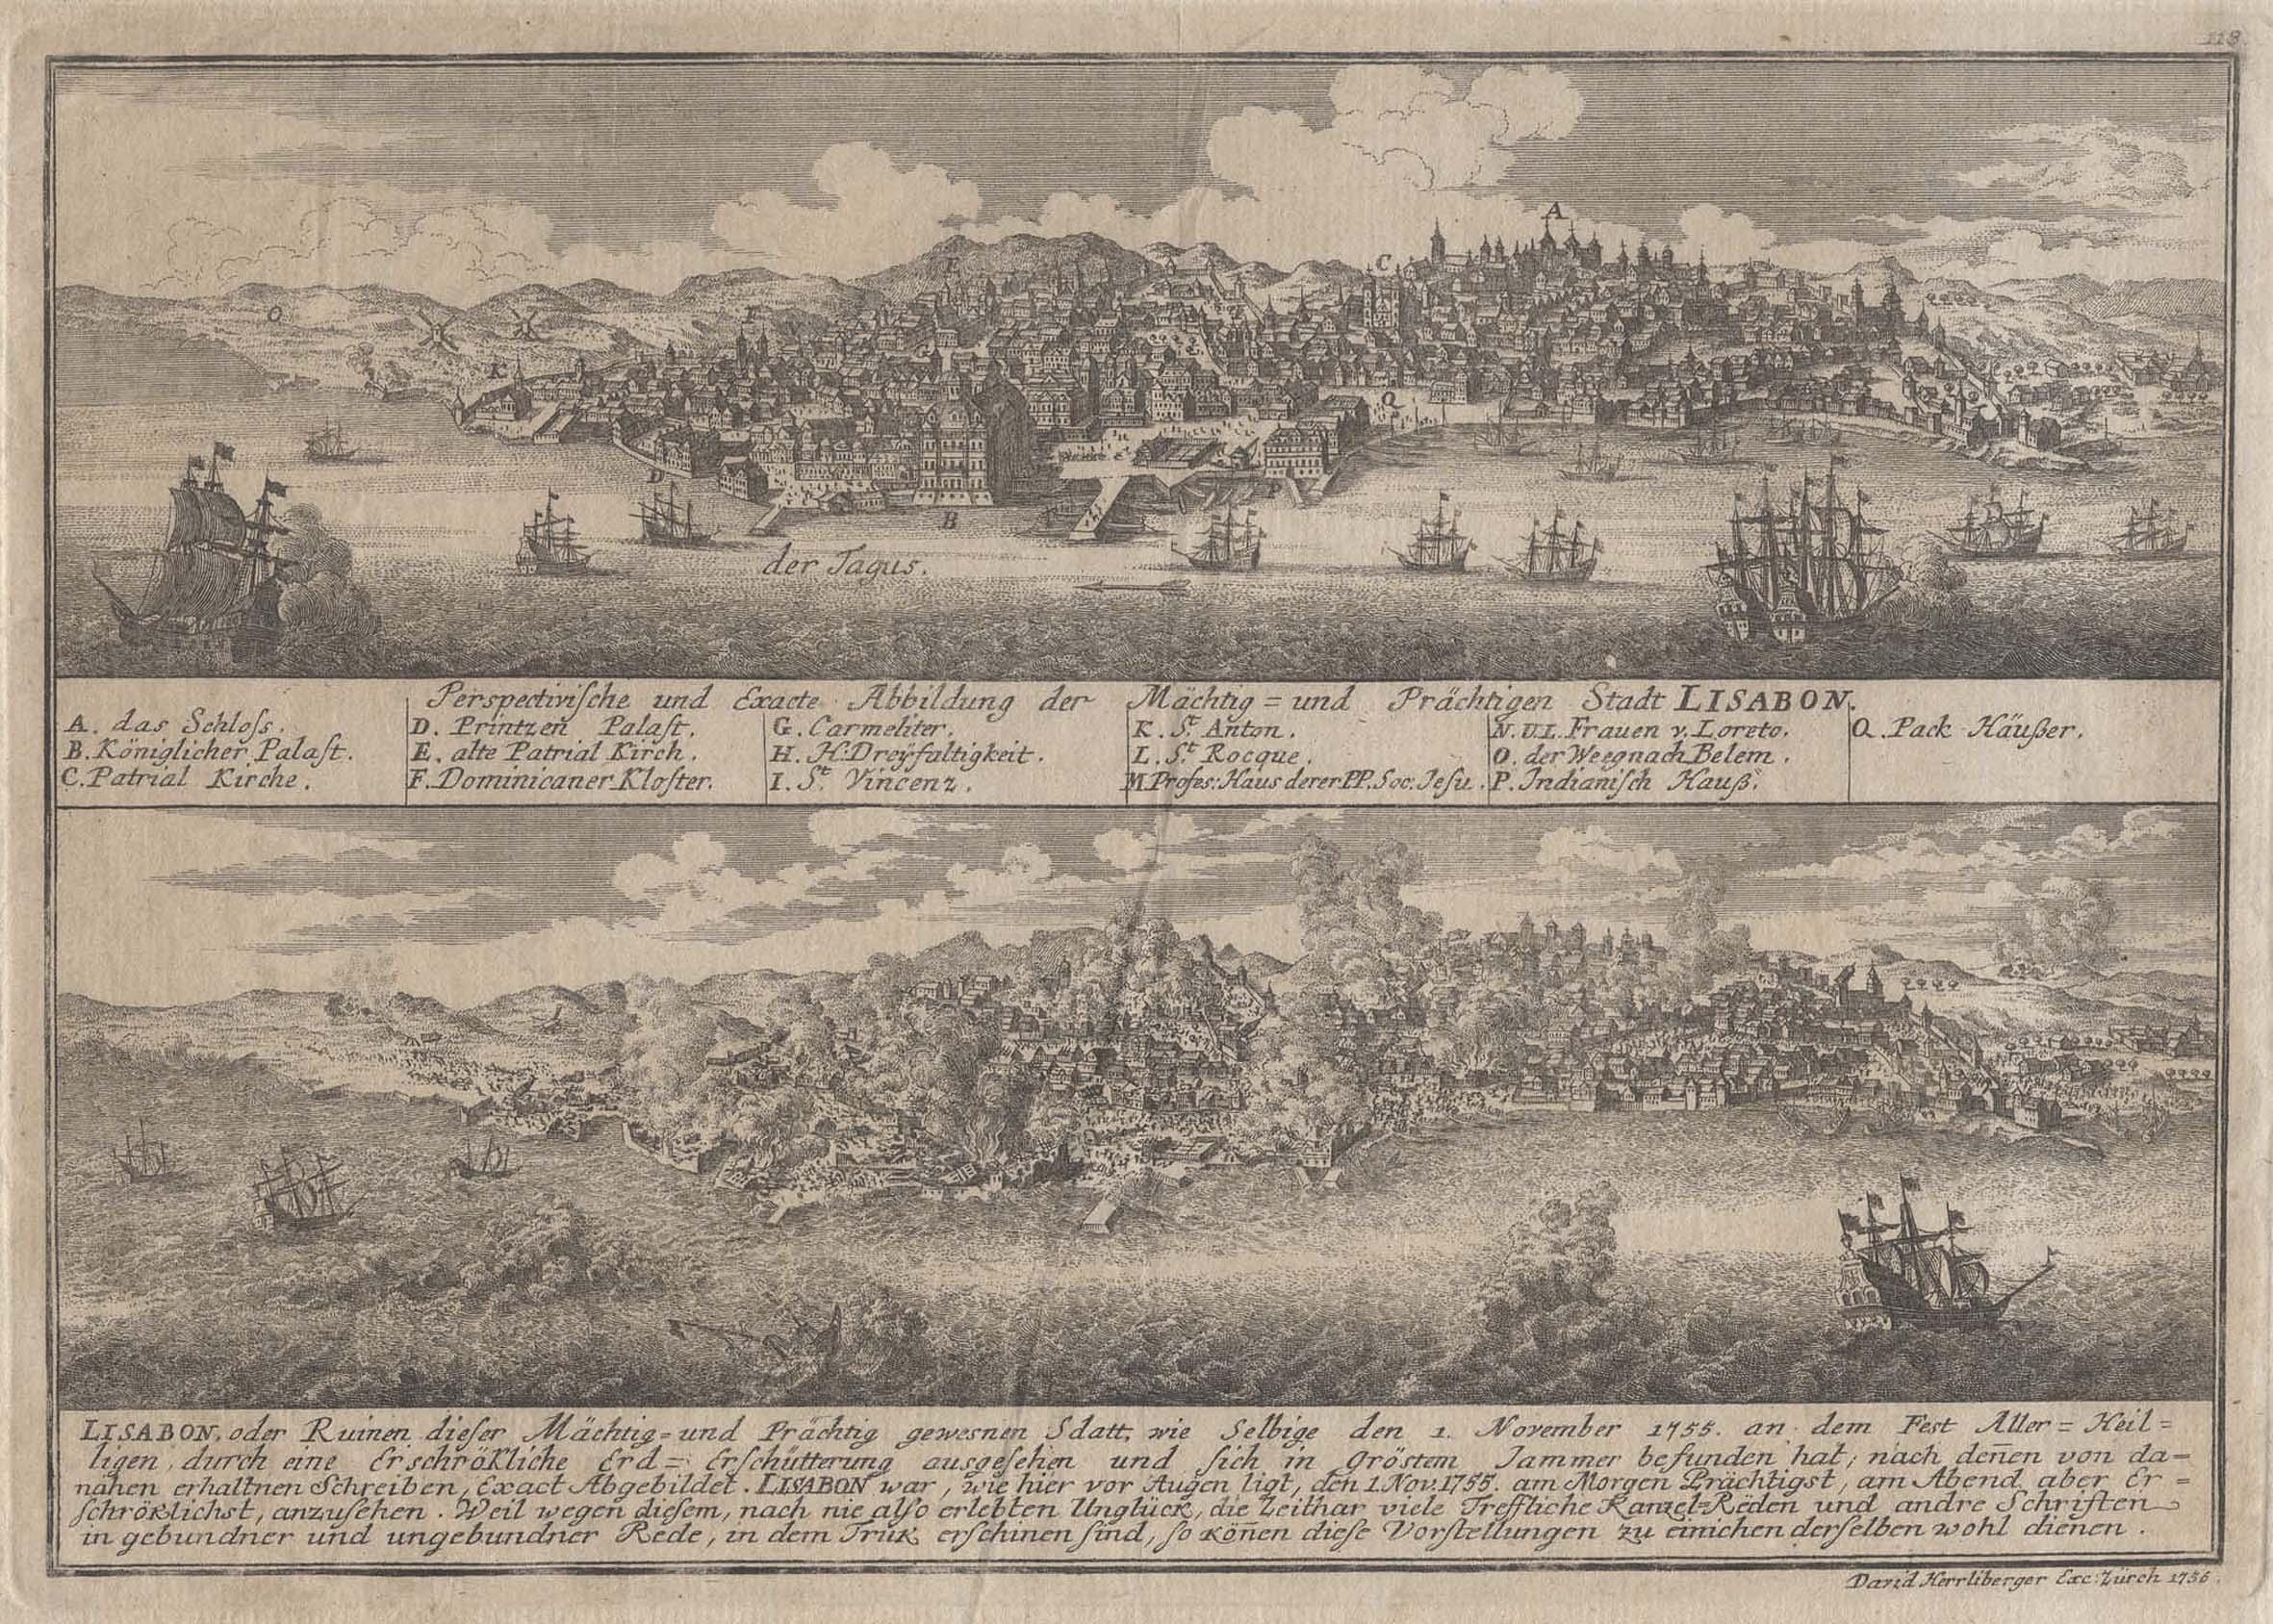 Gesamtansicht, über den Tejo, darunter weitere Darstellung: Lissabon ( Lisboa